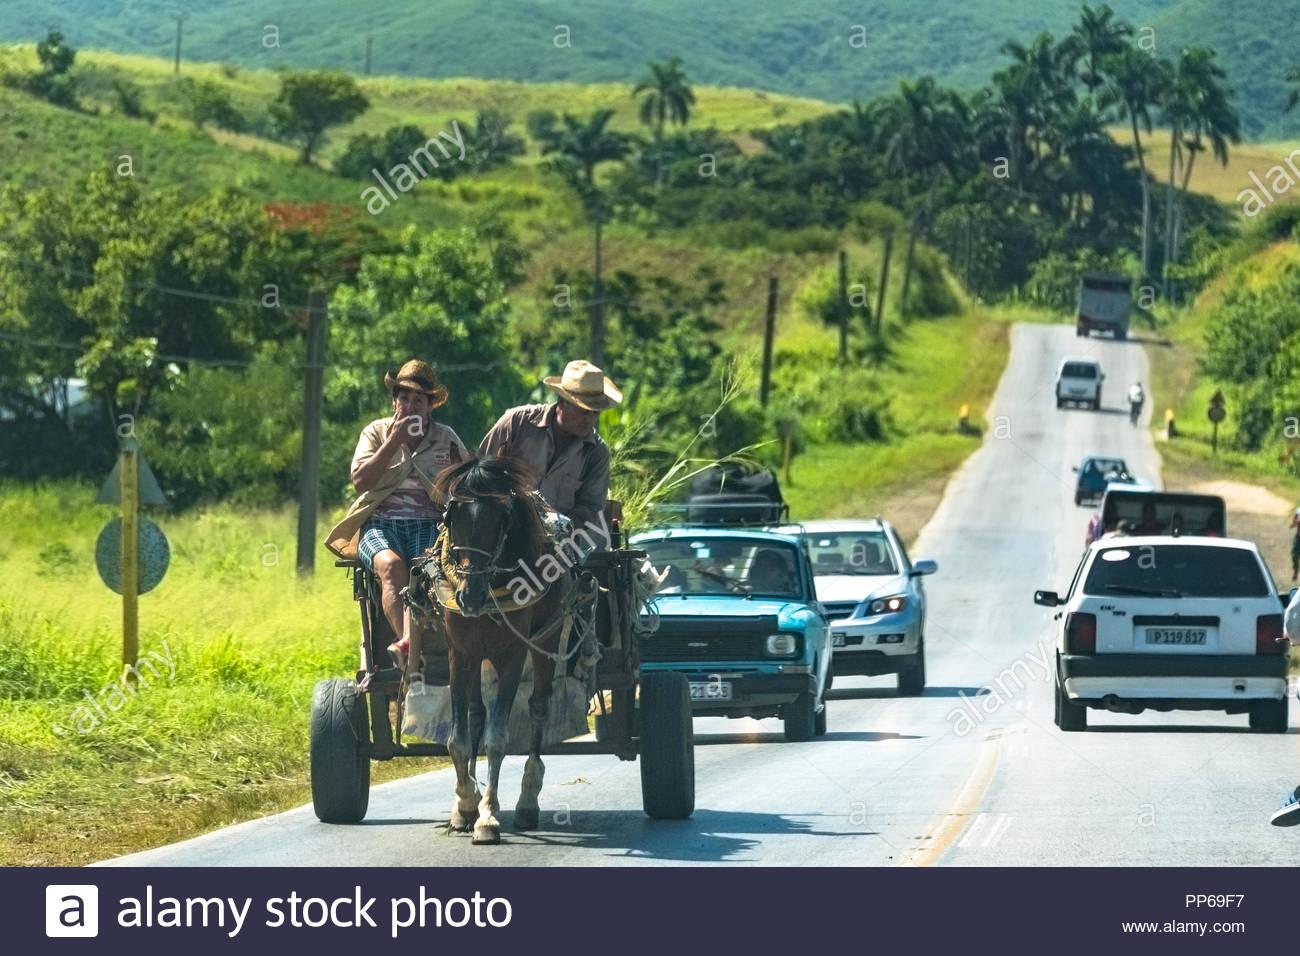 Il popolo cubano di trasporto quotidiano stile di vita: un cavallo disegnato il carrello rallenta il traffico nella strada centrale Immagini Stock